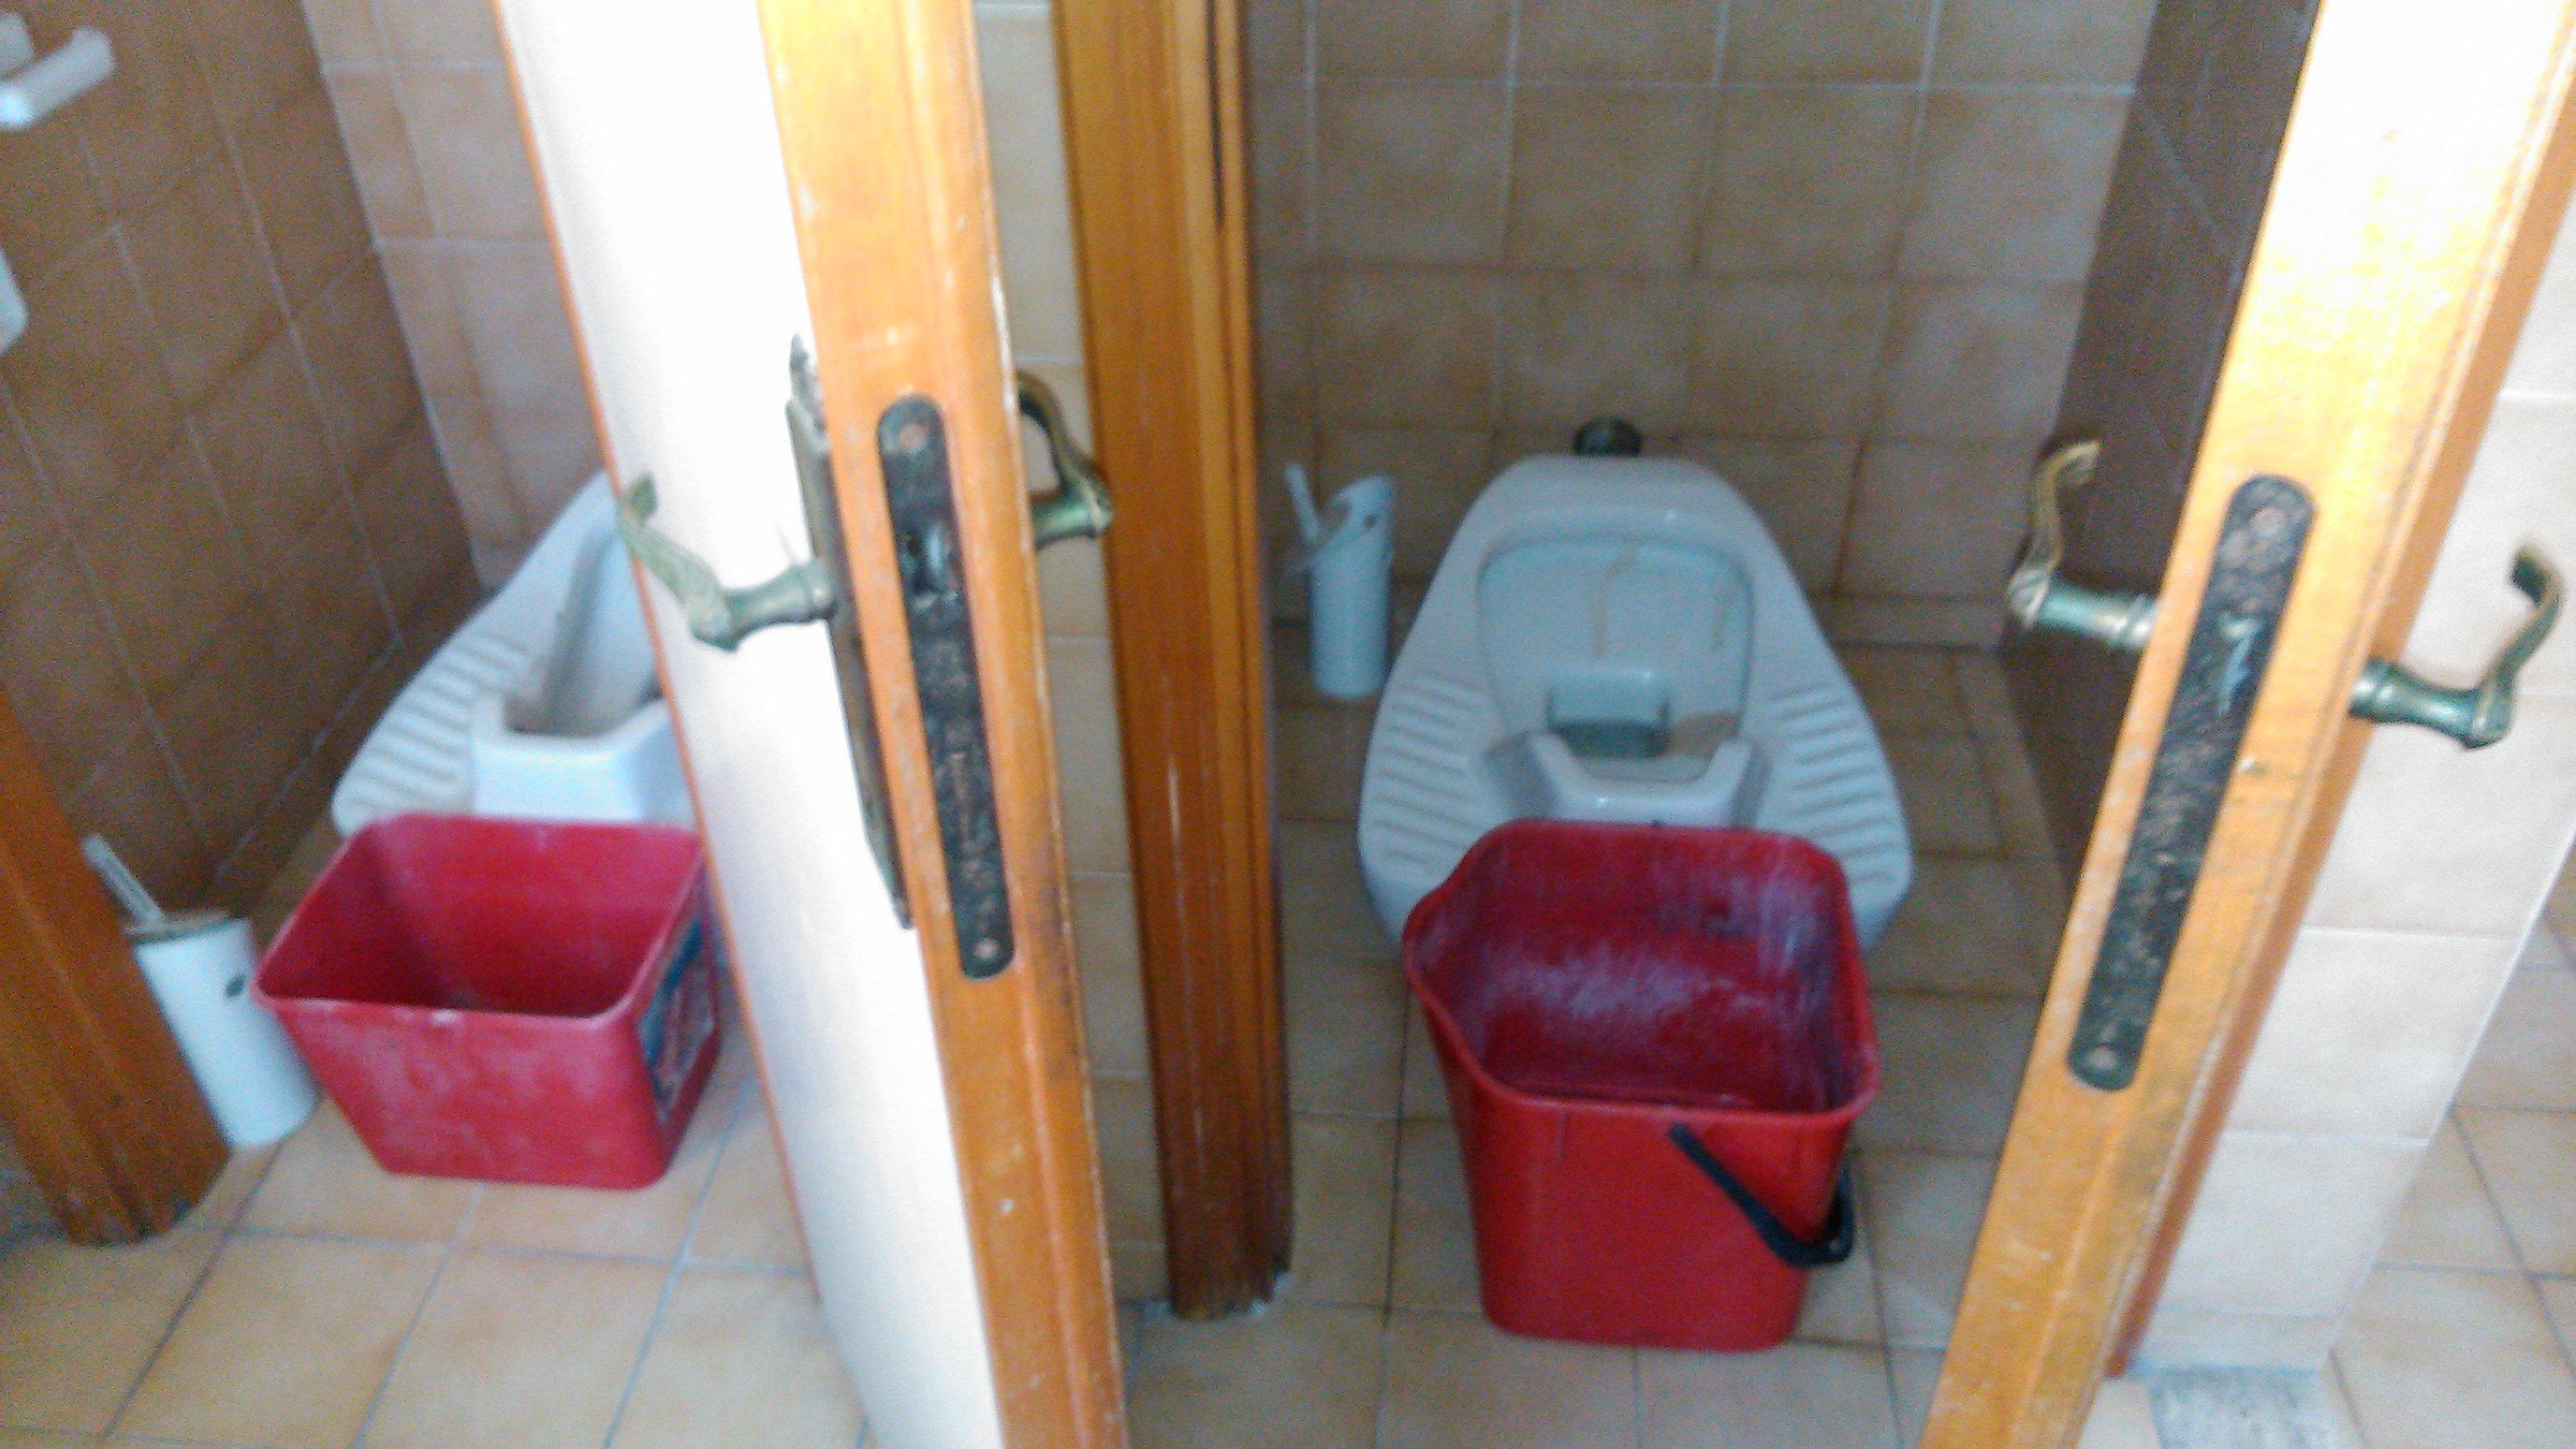 Le turche guaste: per ricambiare l'acqua tocca usare i secchi